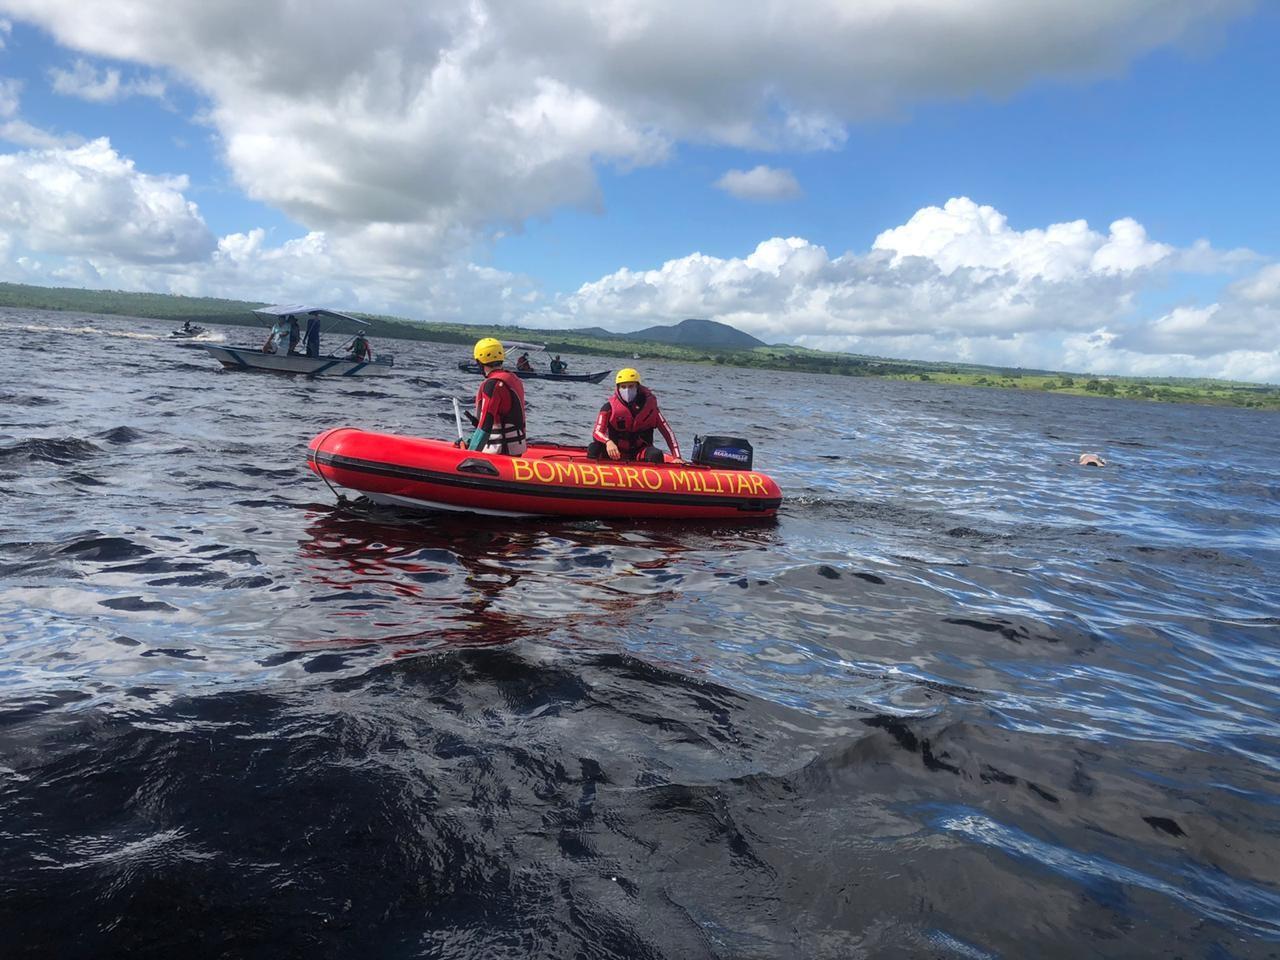 Sepultadas duas últimas vítimas encontradas após embarcação virar em rio da Bahia